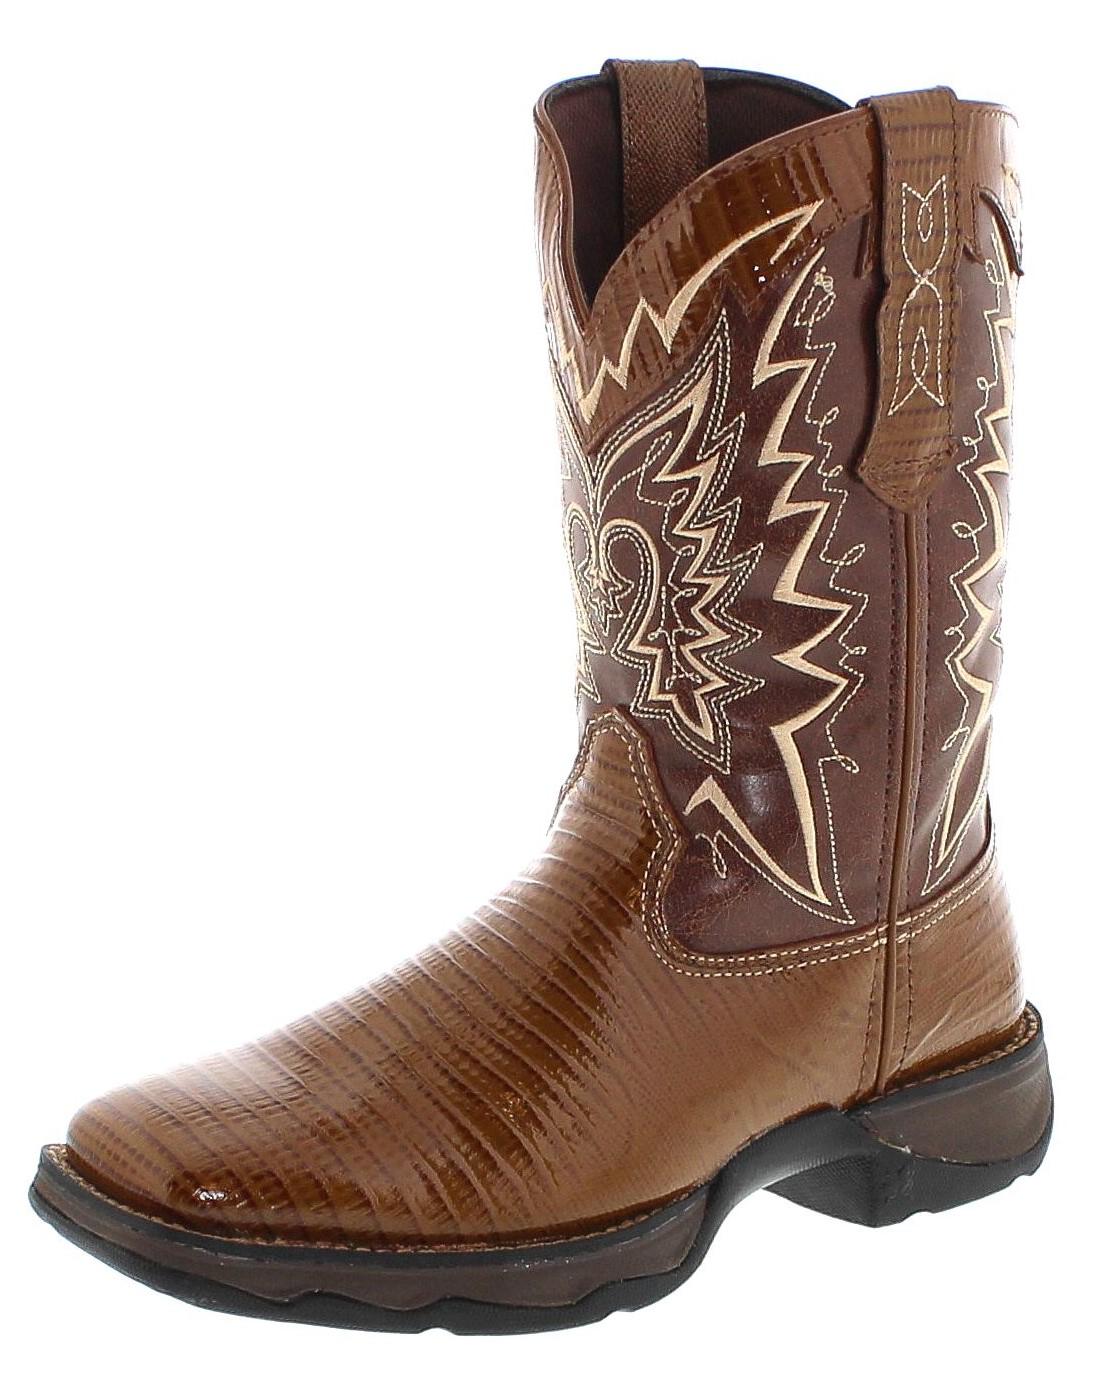 Durango Boots SNAKE OIL RD030 Brown Westernreitstiefel - braun